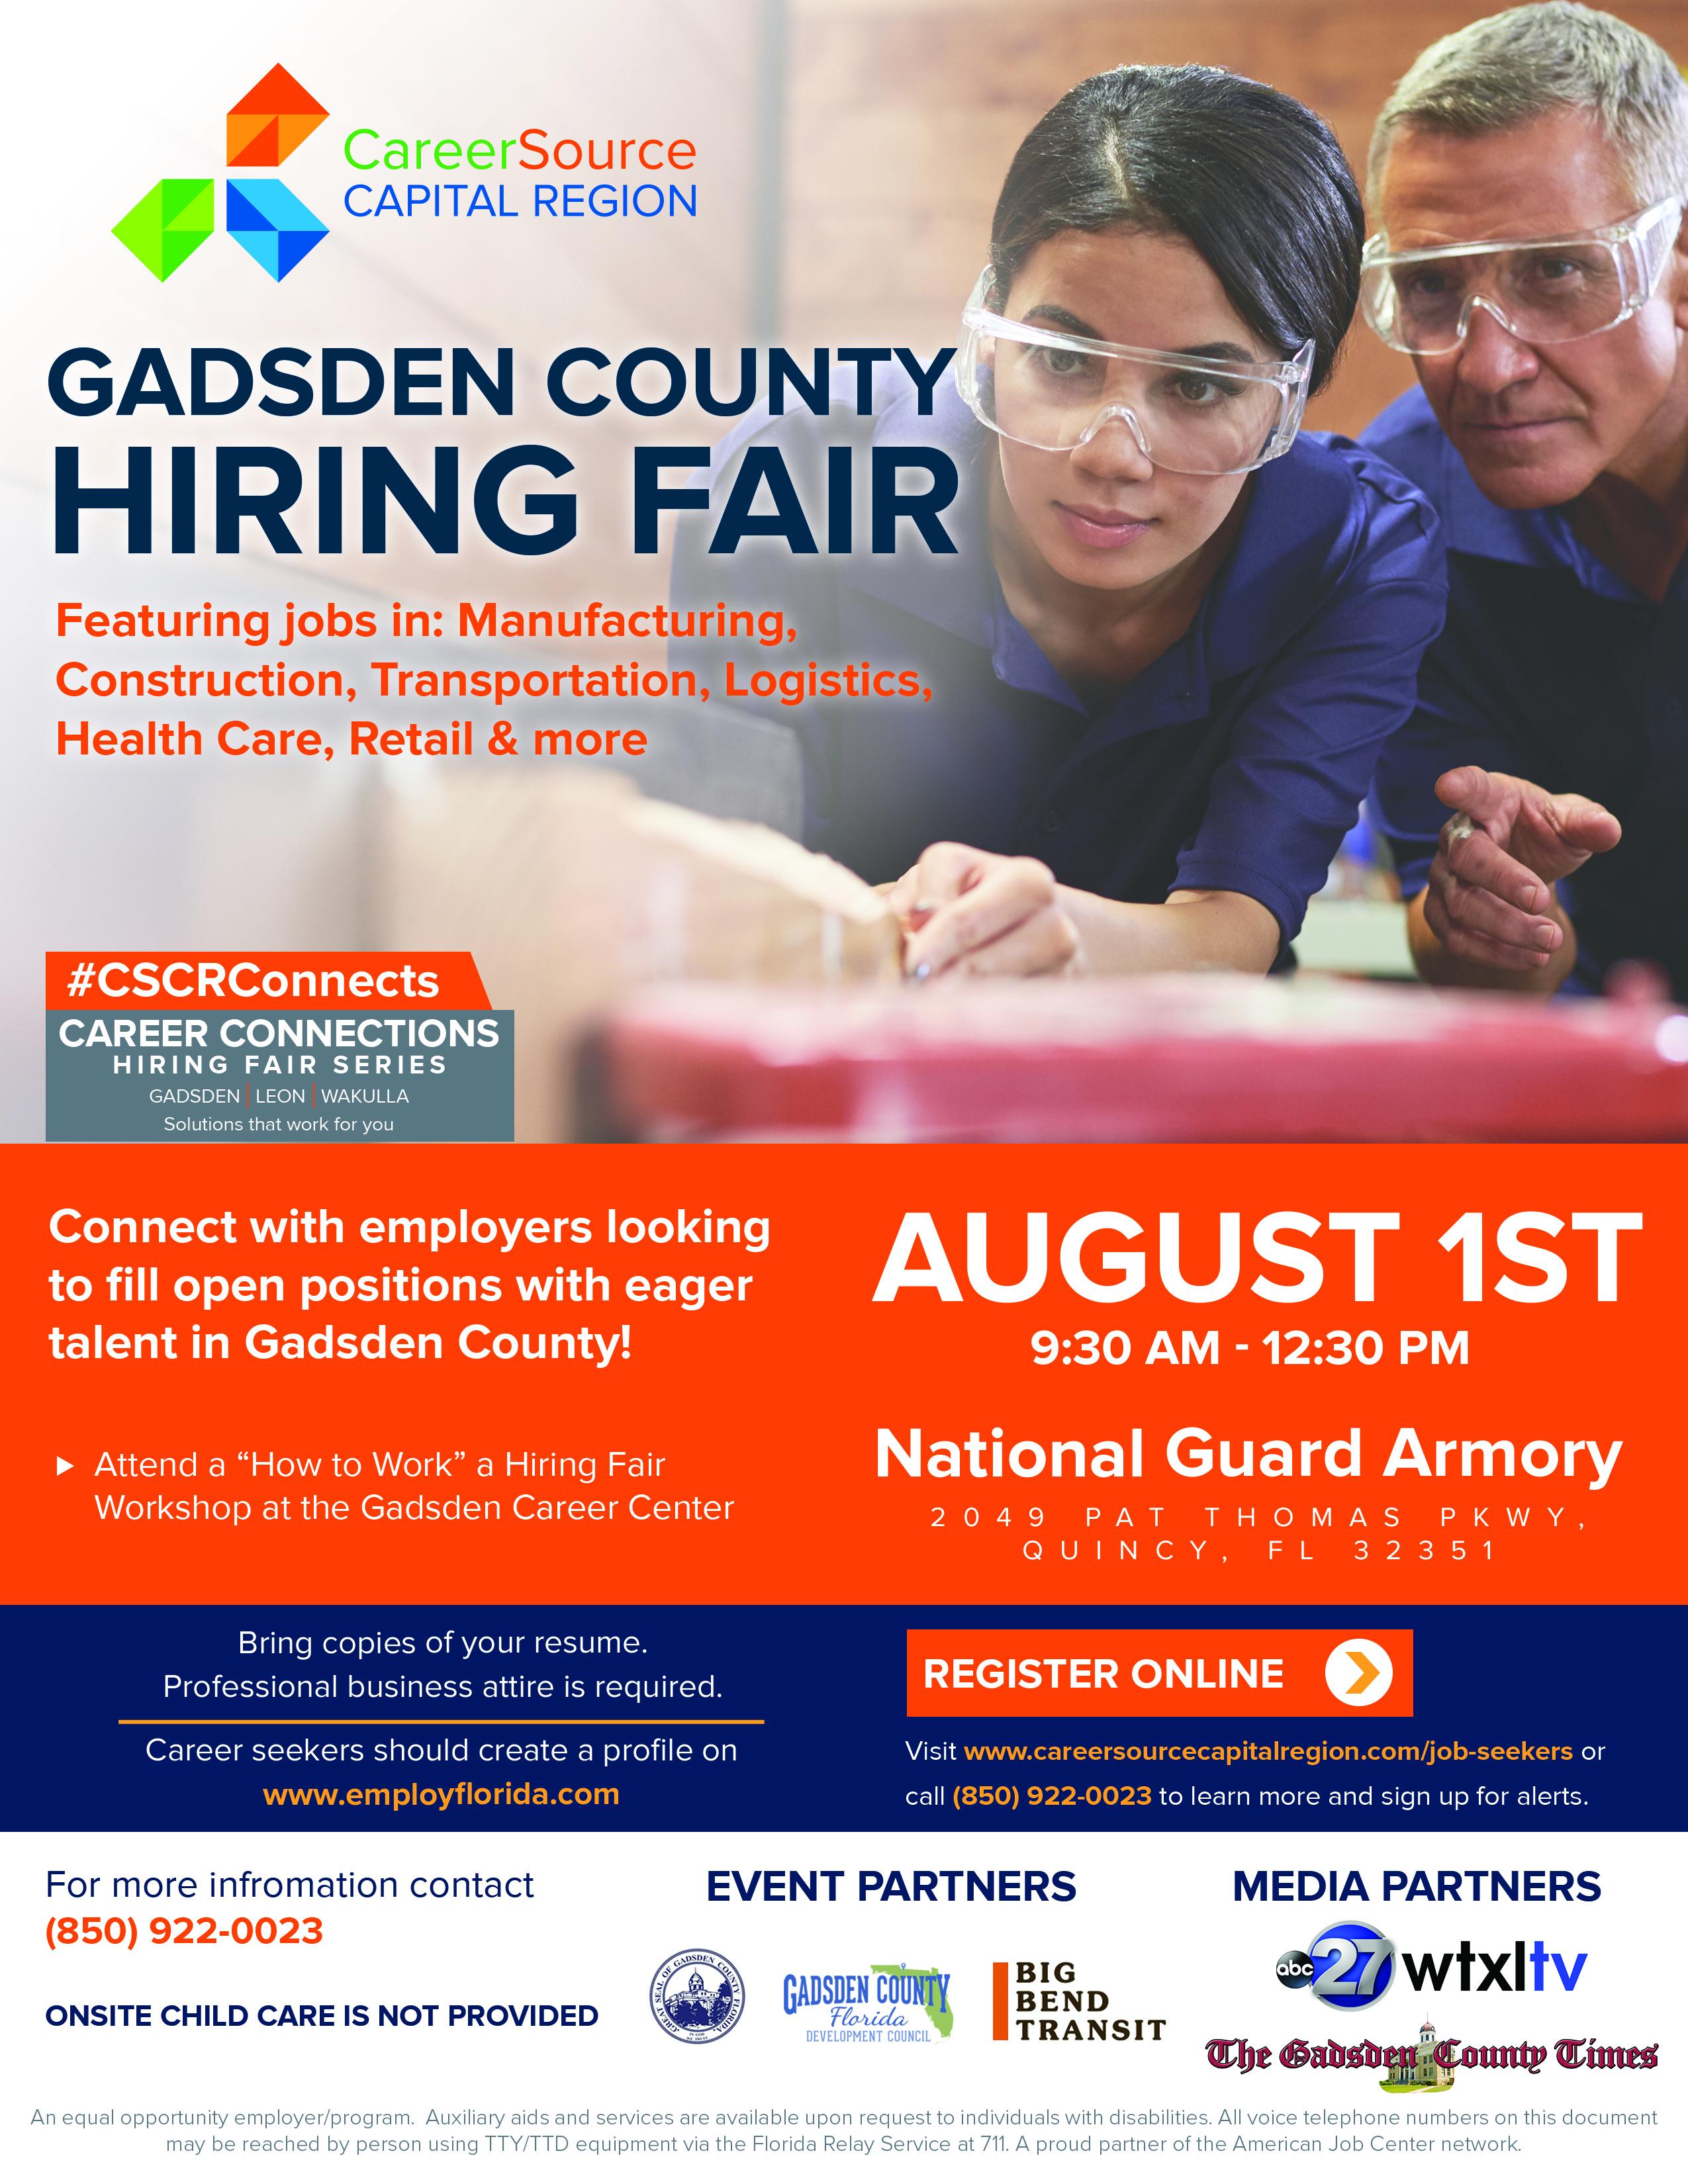 Gadsden County Hiring Fair